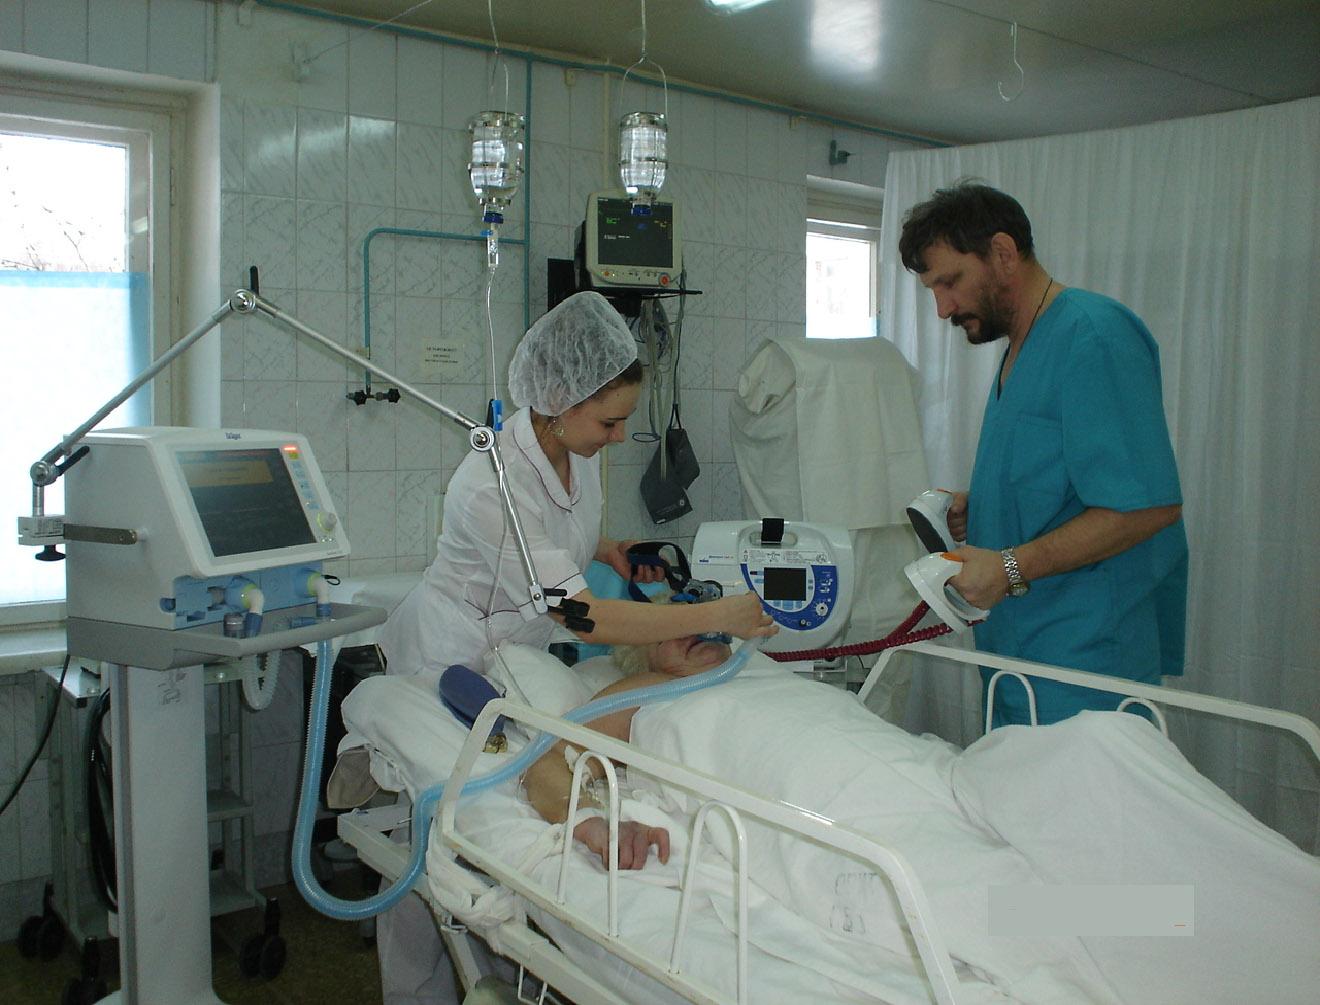 По данным исследования смертность среди пациентов врачей-женщин ниже, чем у врачей-мужчин